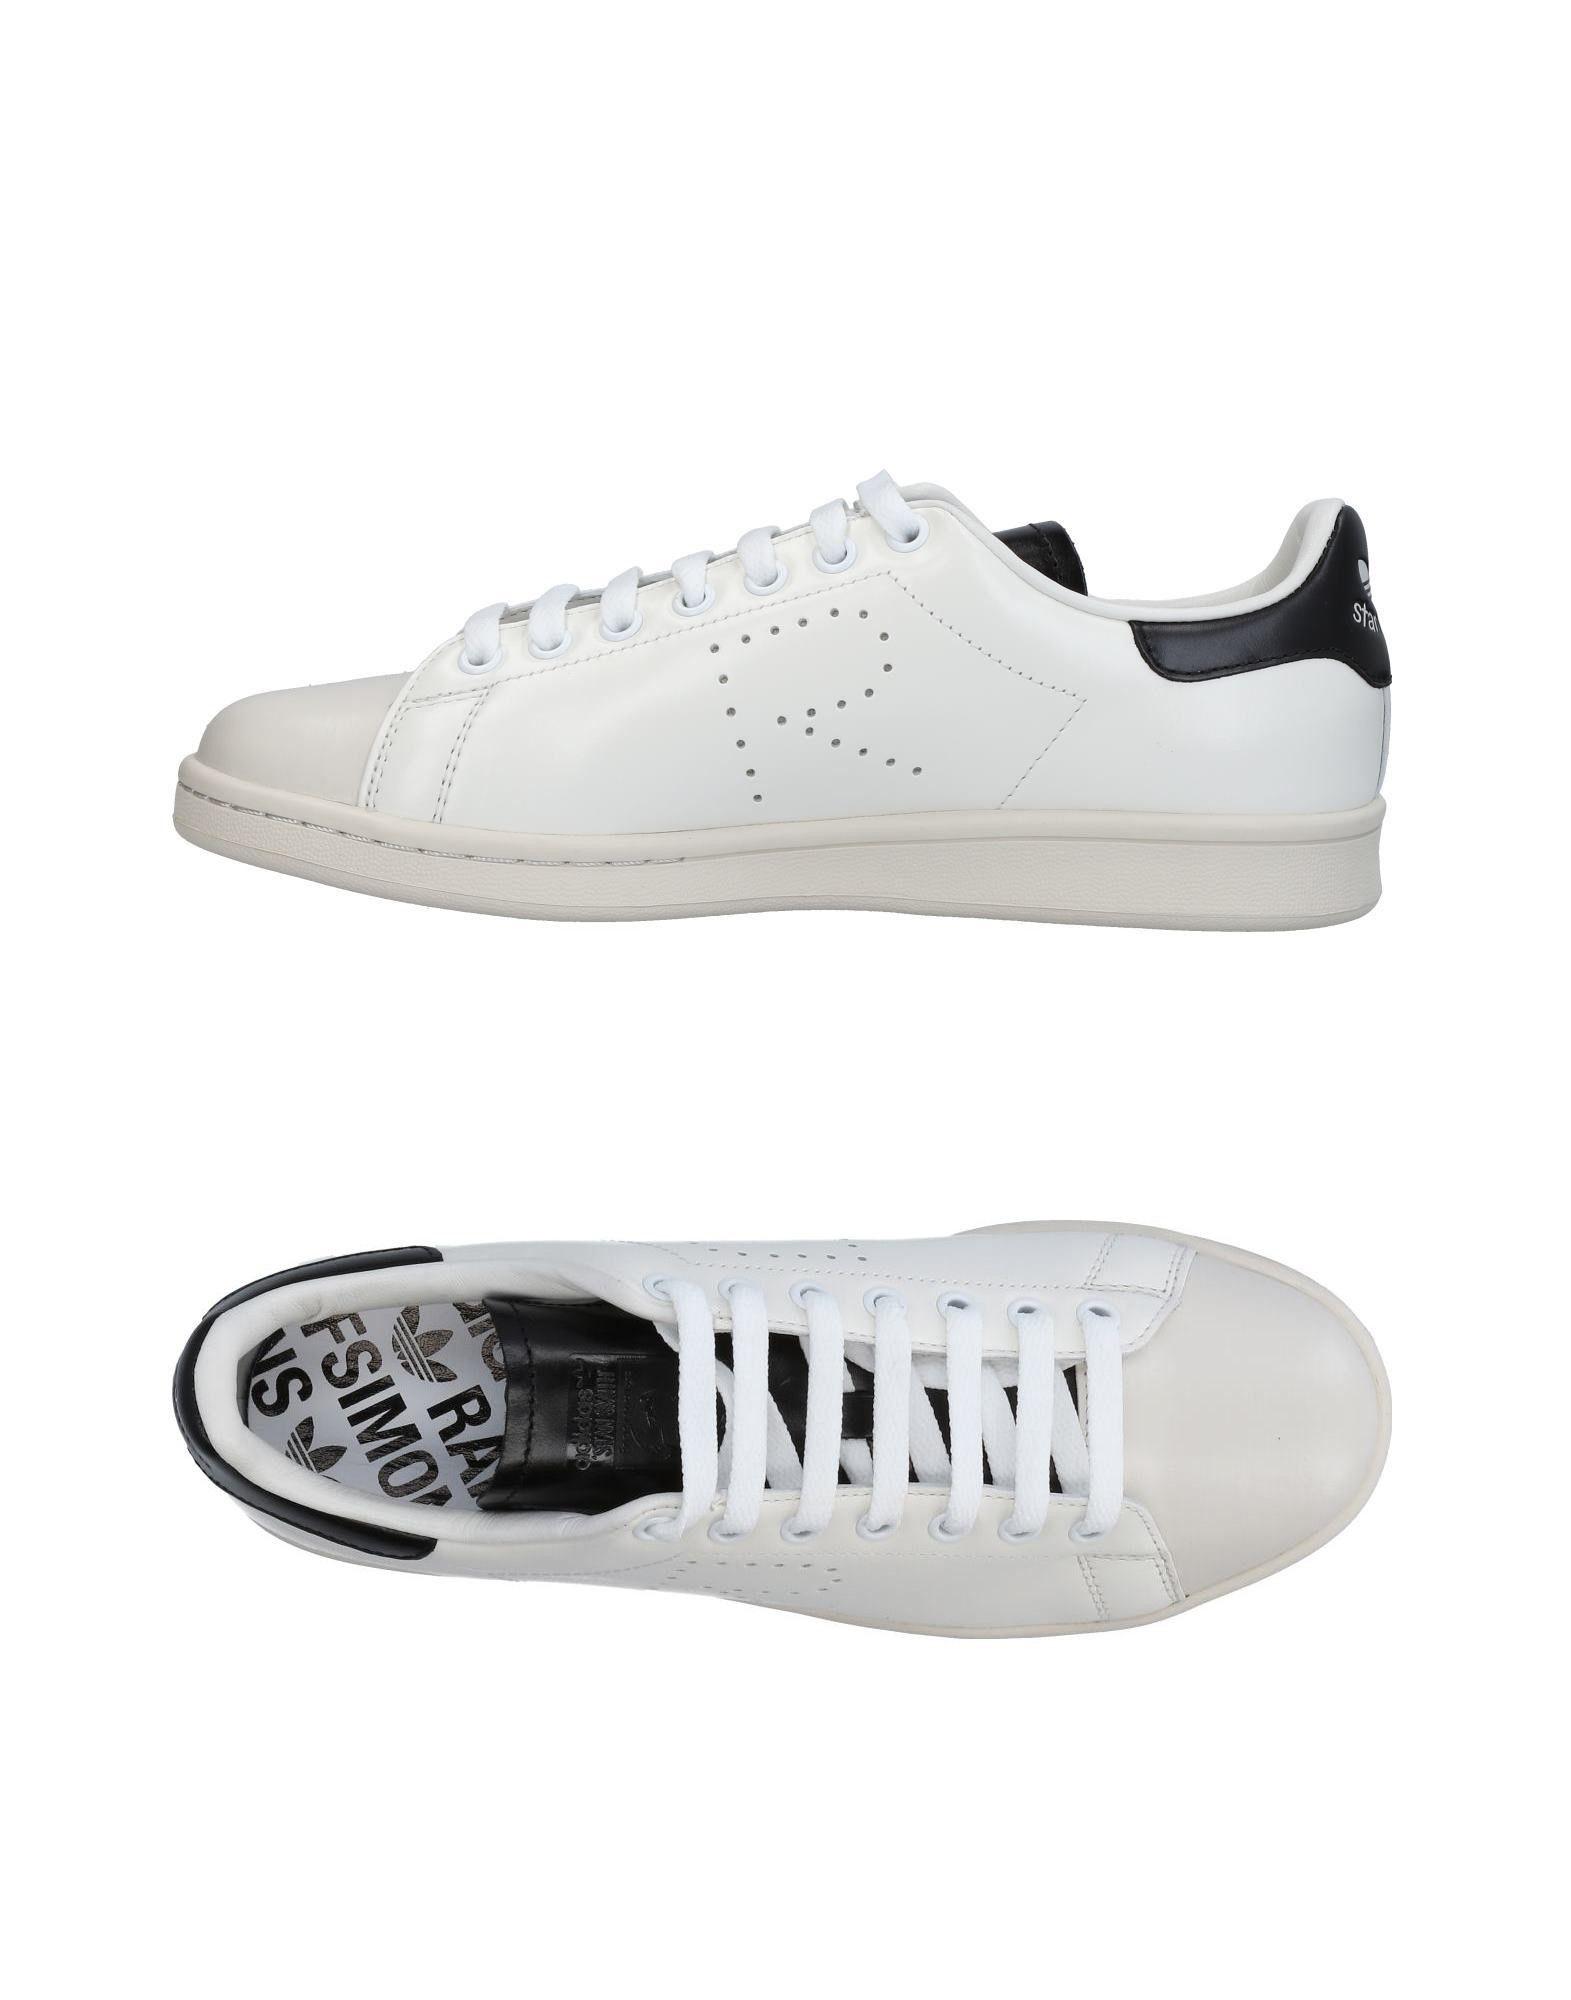 ADIDAS by RAF SIMONS Низкие кеды и кроссовки raf simons x adidas низкие кеды и кроссовки page 5